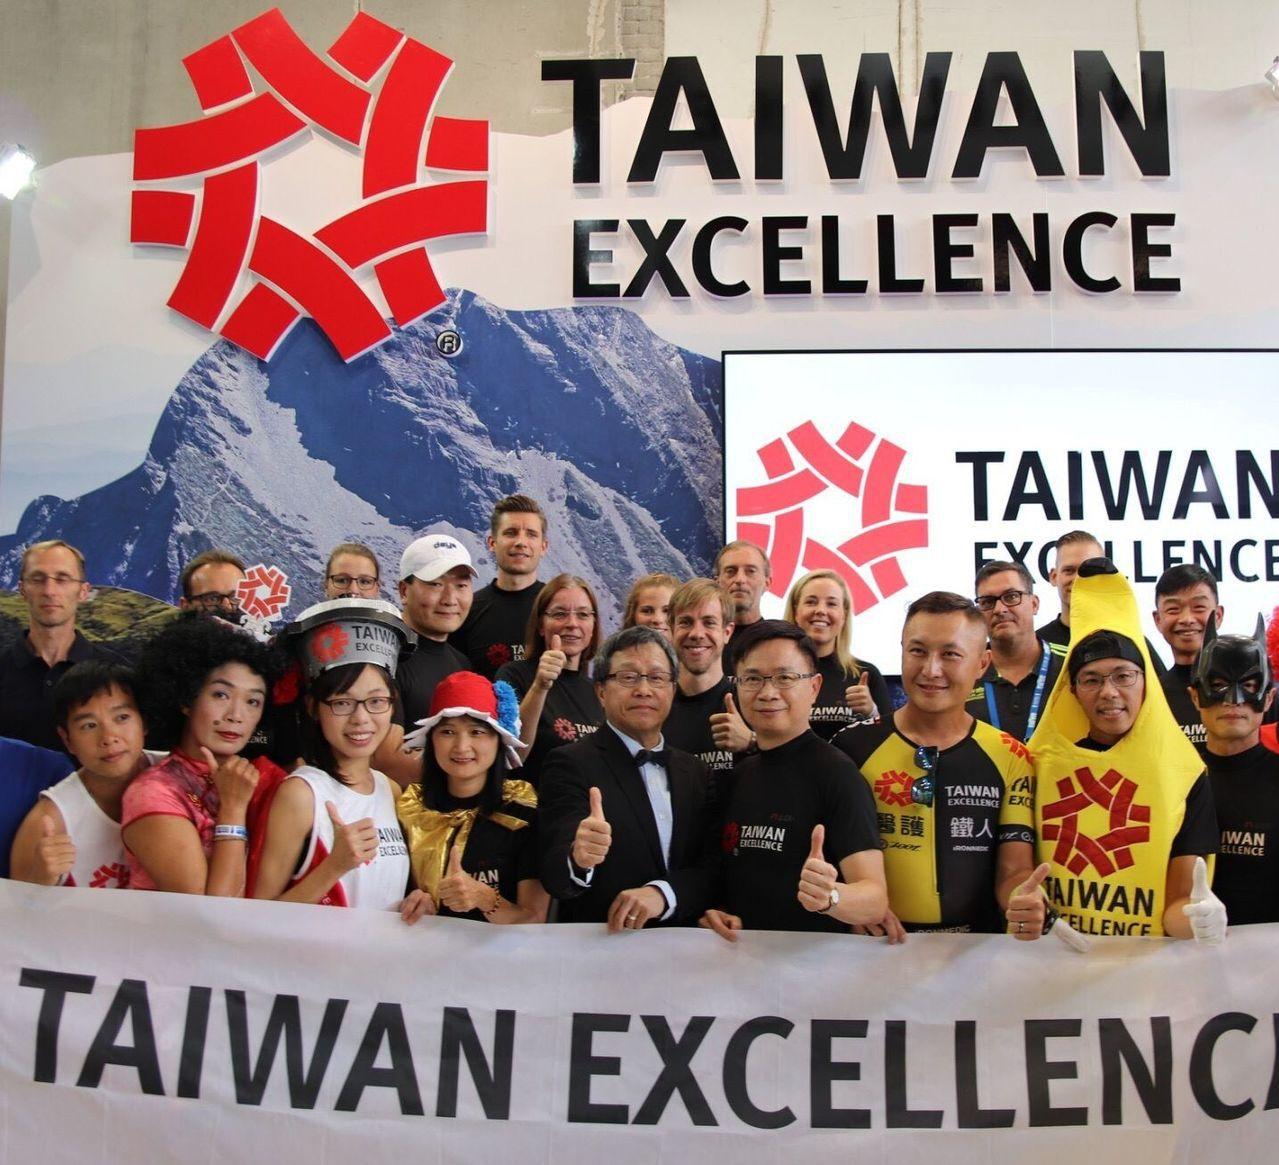 20名臺德具創意跑者組成柏林馬拉松「台灣精品代表隊」驚艷國際媒體。圖/貿協提供